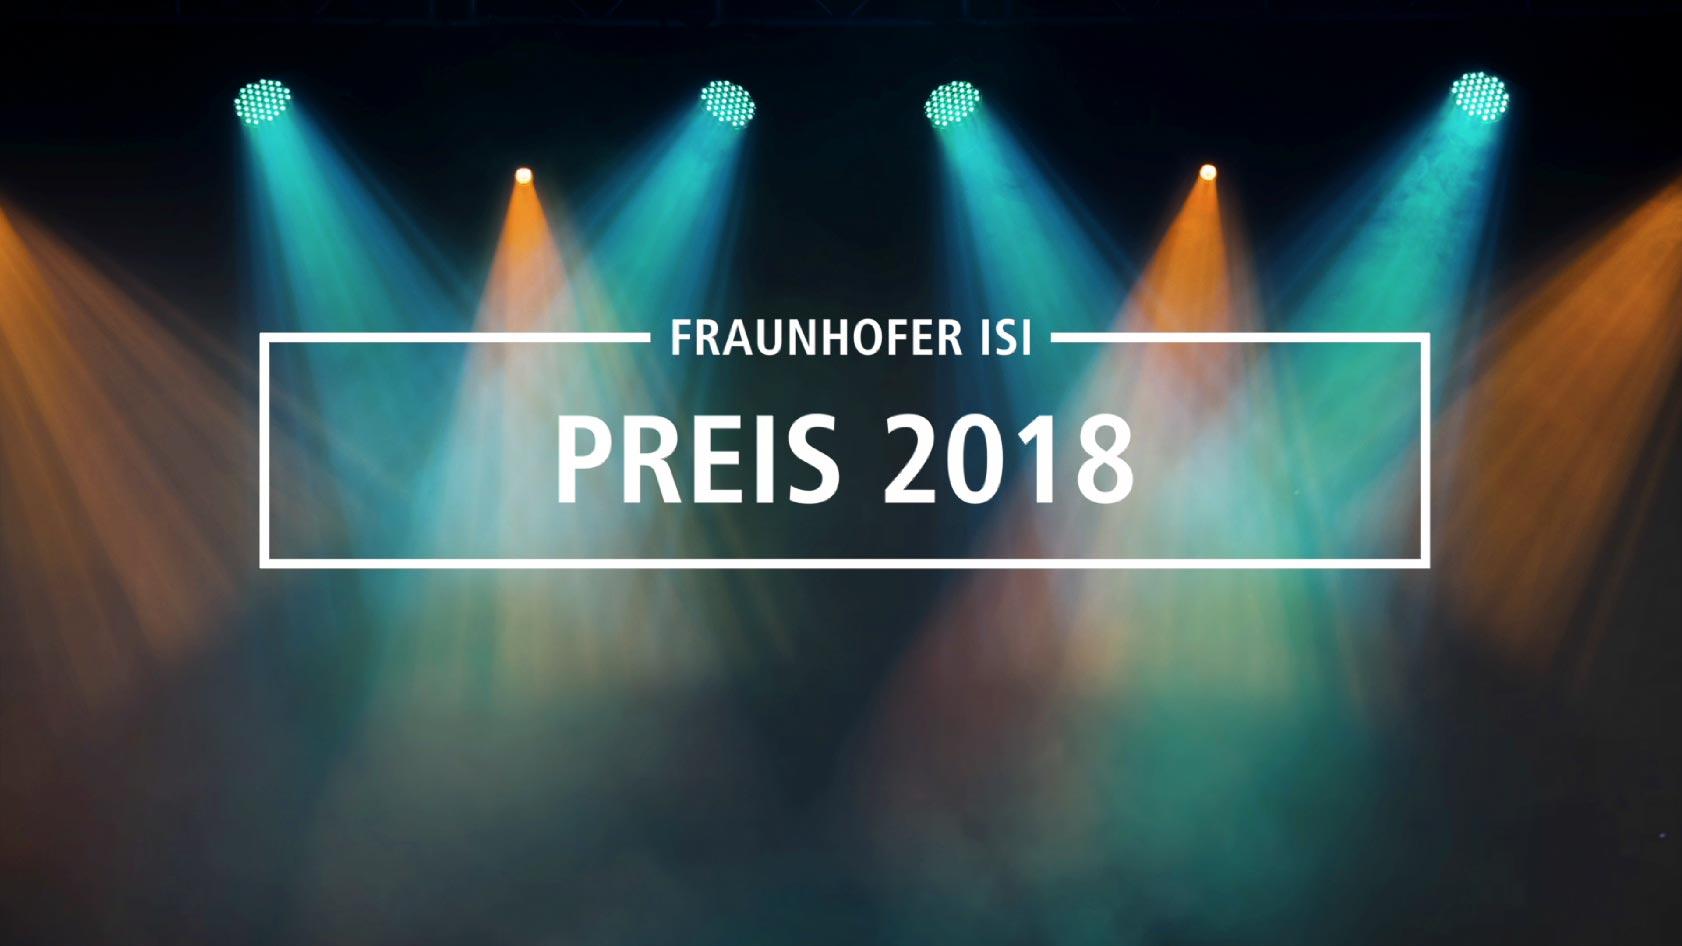 Wir haben ein Preisverleihungsvideo für das Fraunhofer Institut in Karlsruhe erstellt.